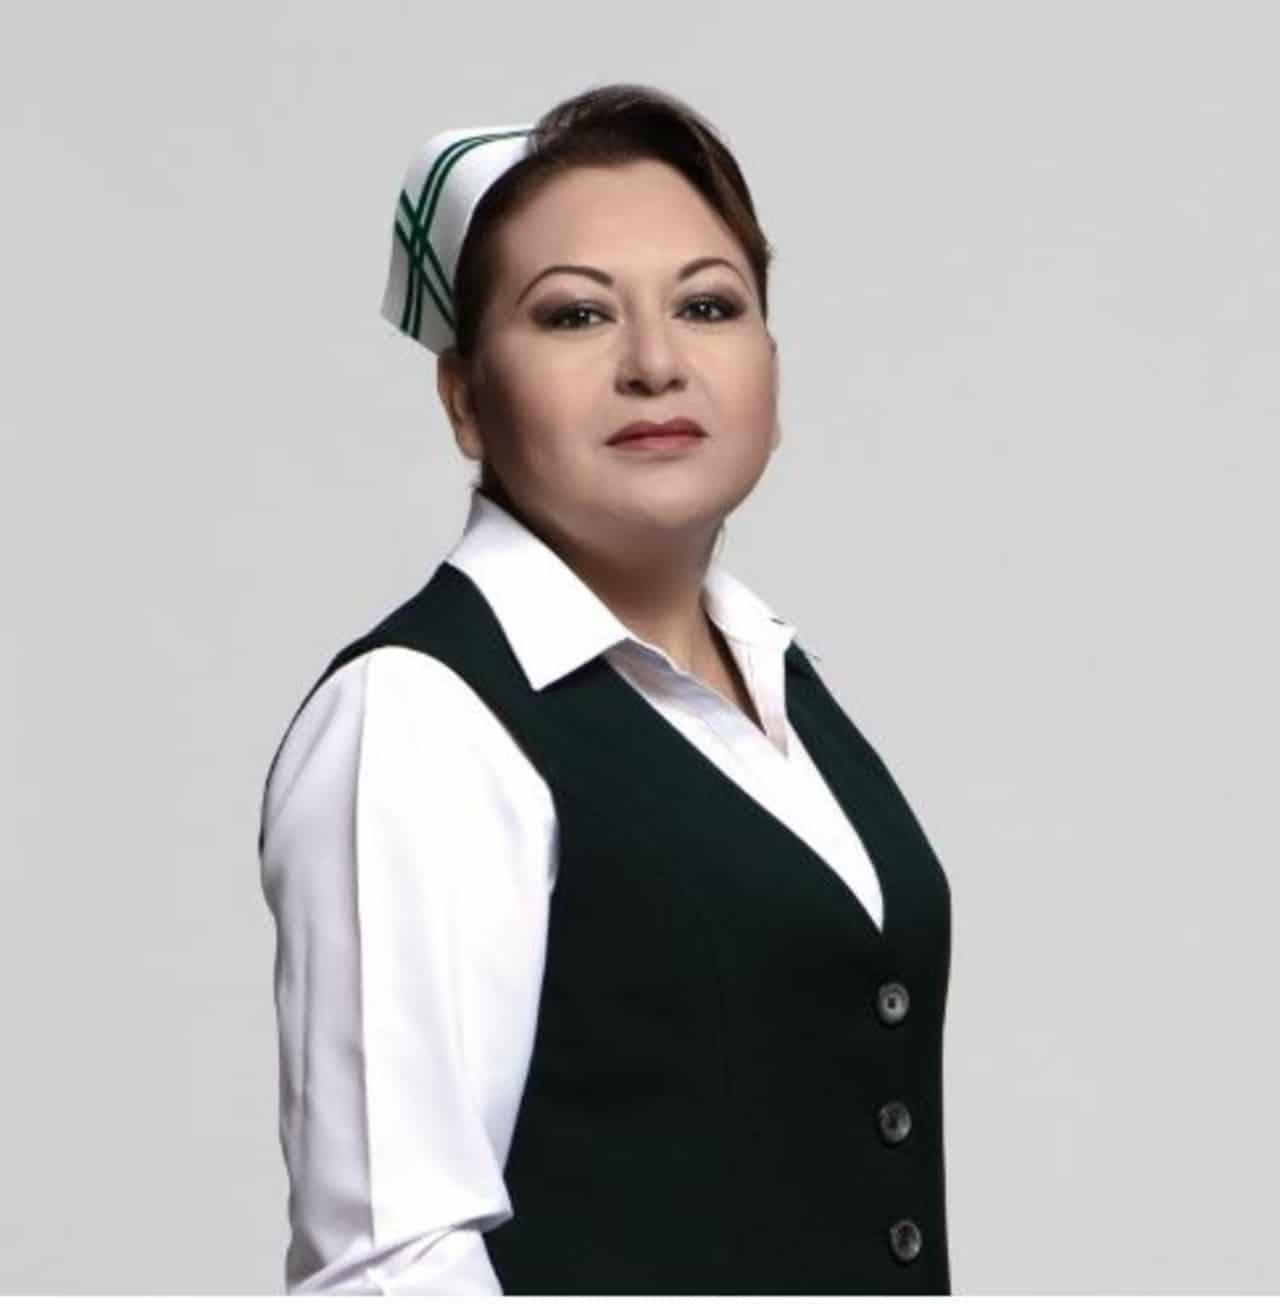 Jefa Norma Torres Mujeres destacadas mexicanas rumbo al 8 de Marzo